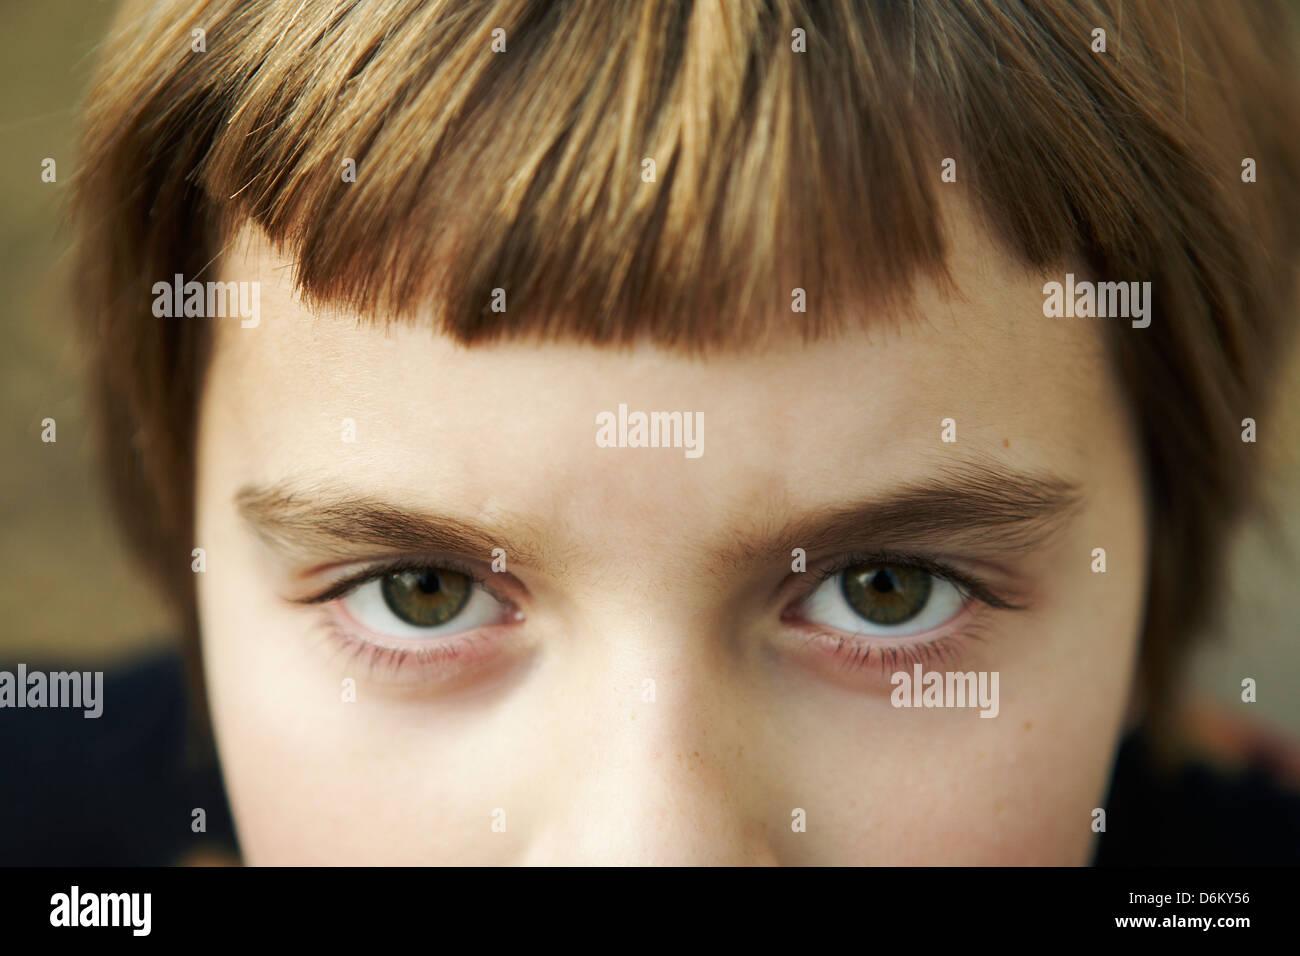 7 anno vecchia ragazza con bangs Immagini Stock